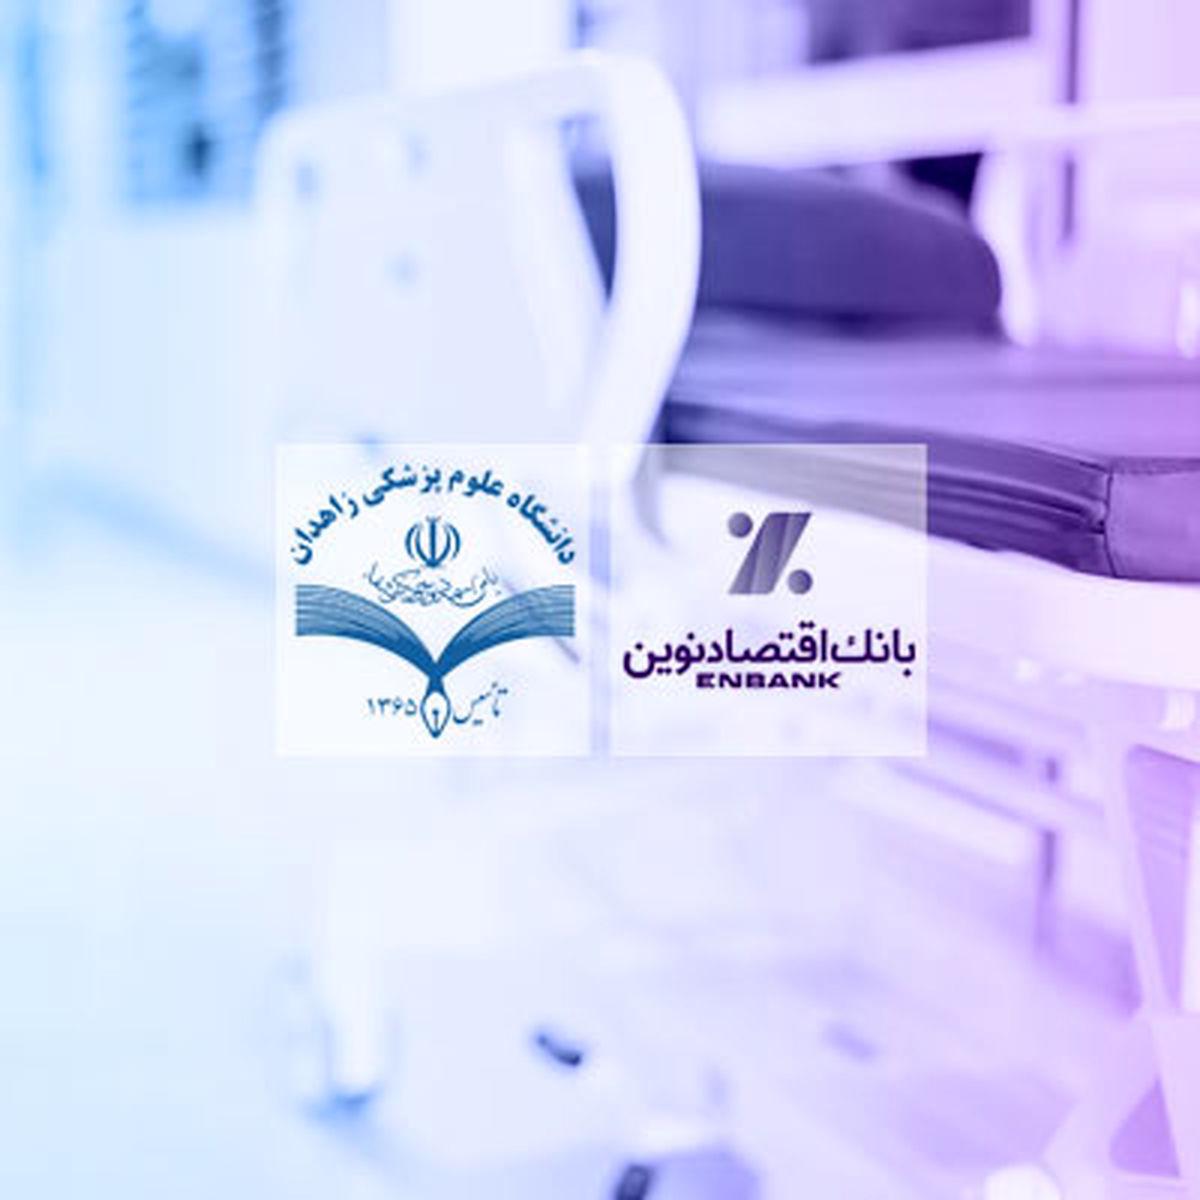 اهدای تجهیزات بیمارستانی به مراکز تحت پوشش دانشگاه علوم پزشکی زاهدان توسط بانک اقتصادنوین